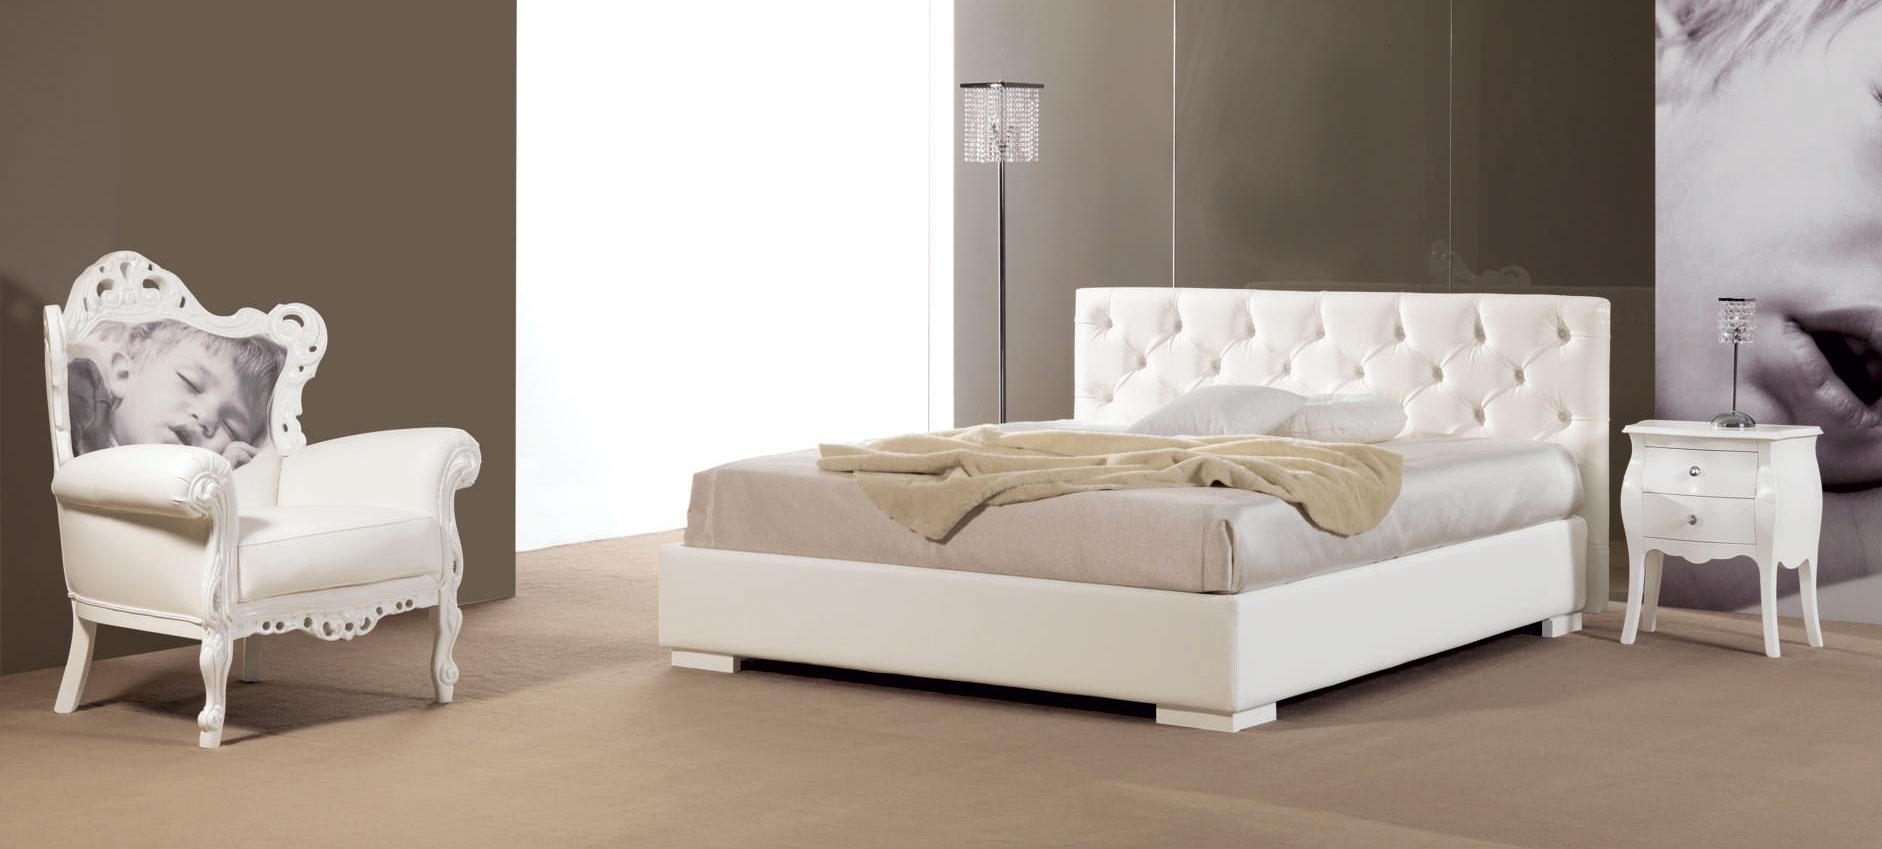 Lit double avec tte de lit capitonn simili cuir  PIERMARIA SO NUIT